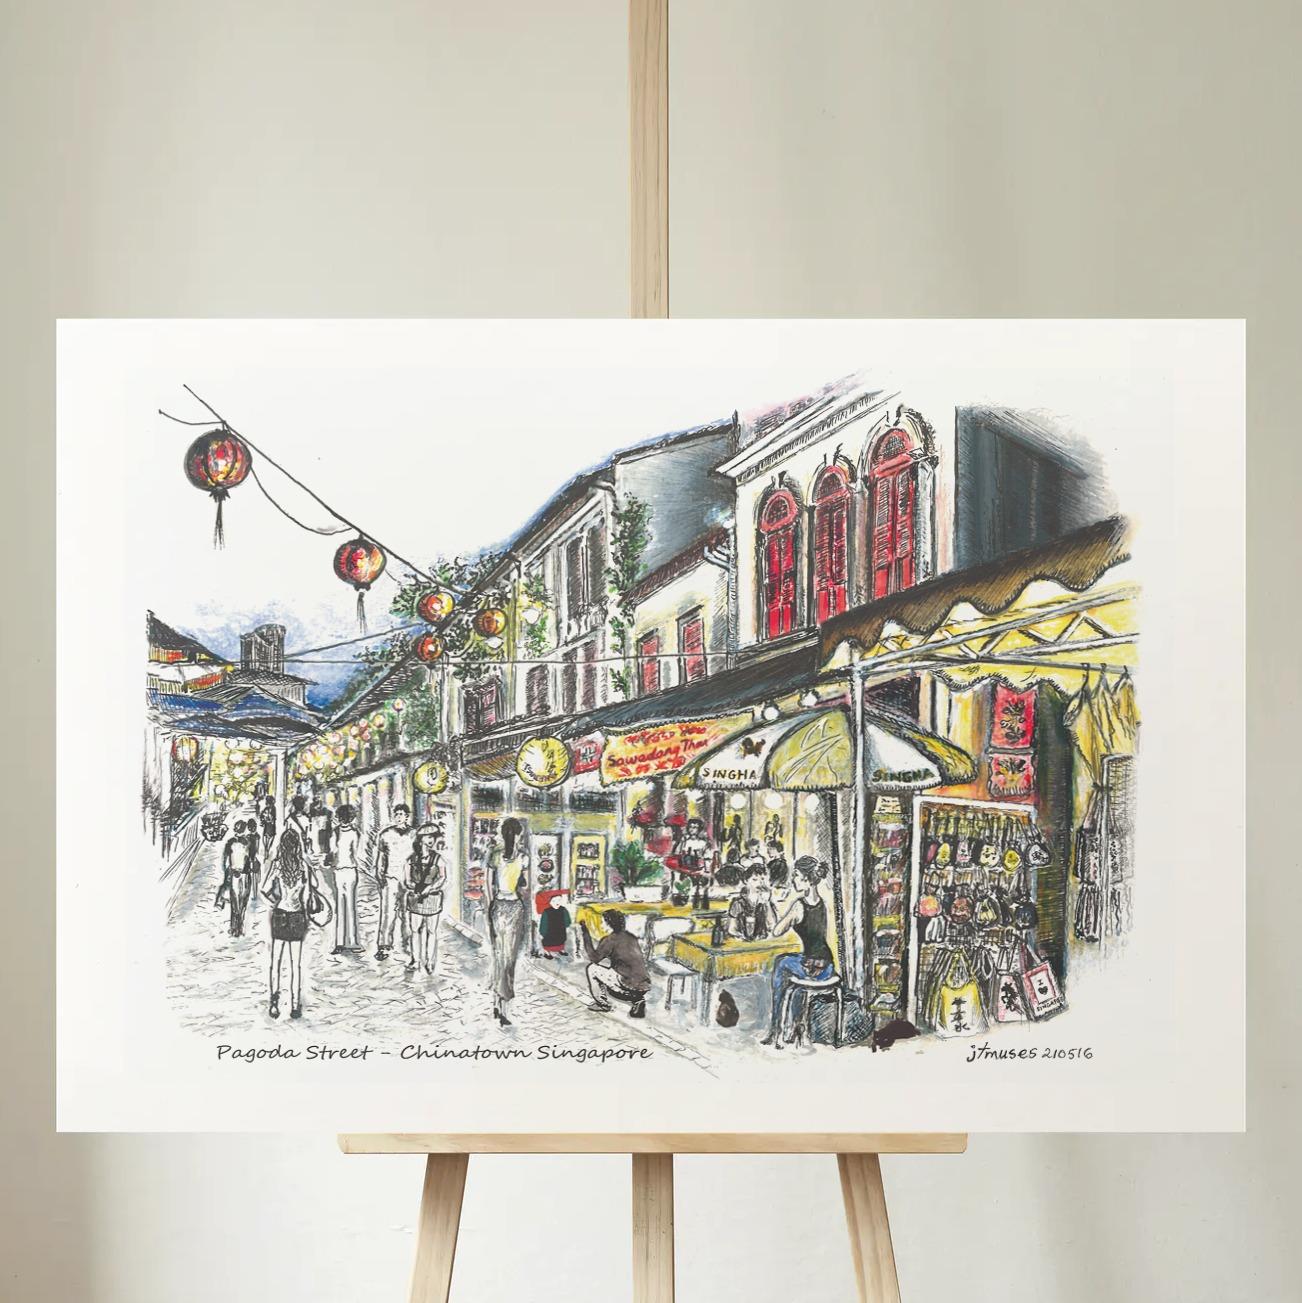 Paoda Street - Chinatown